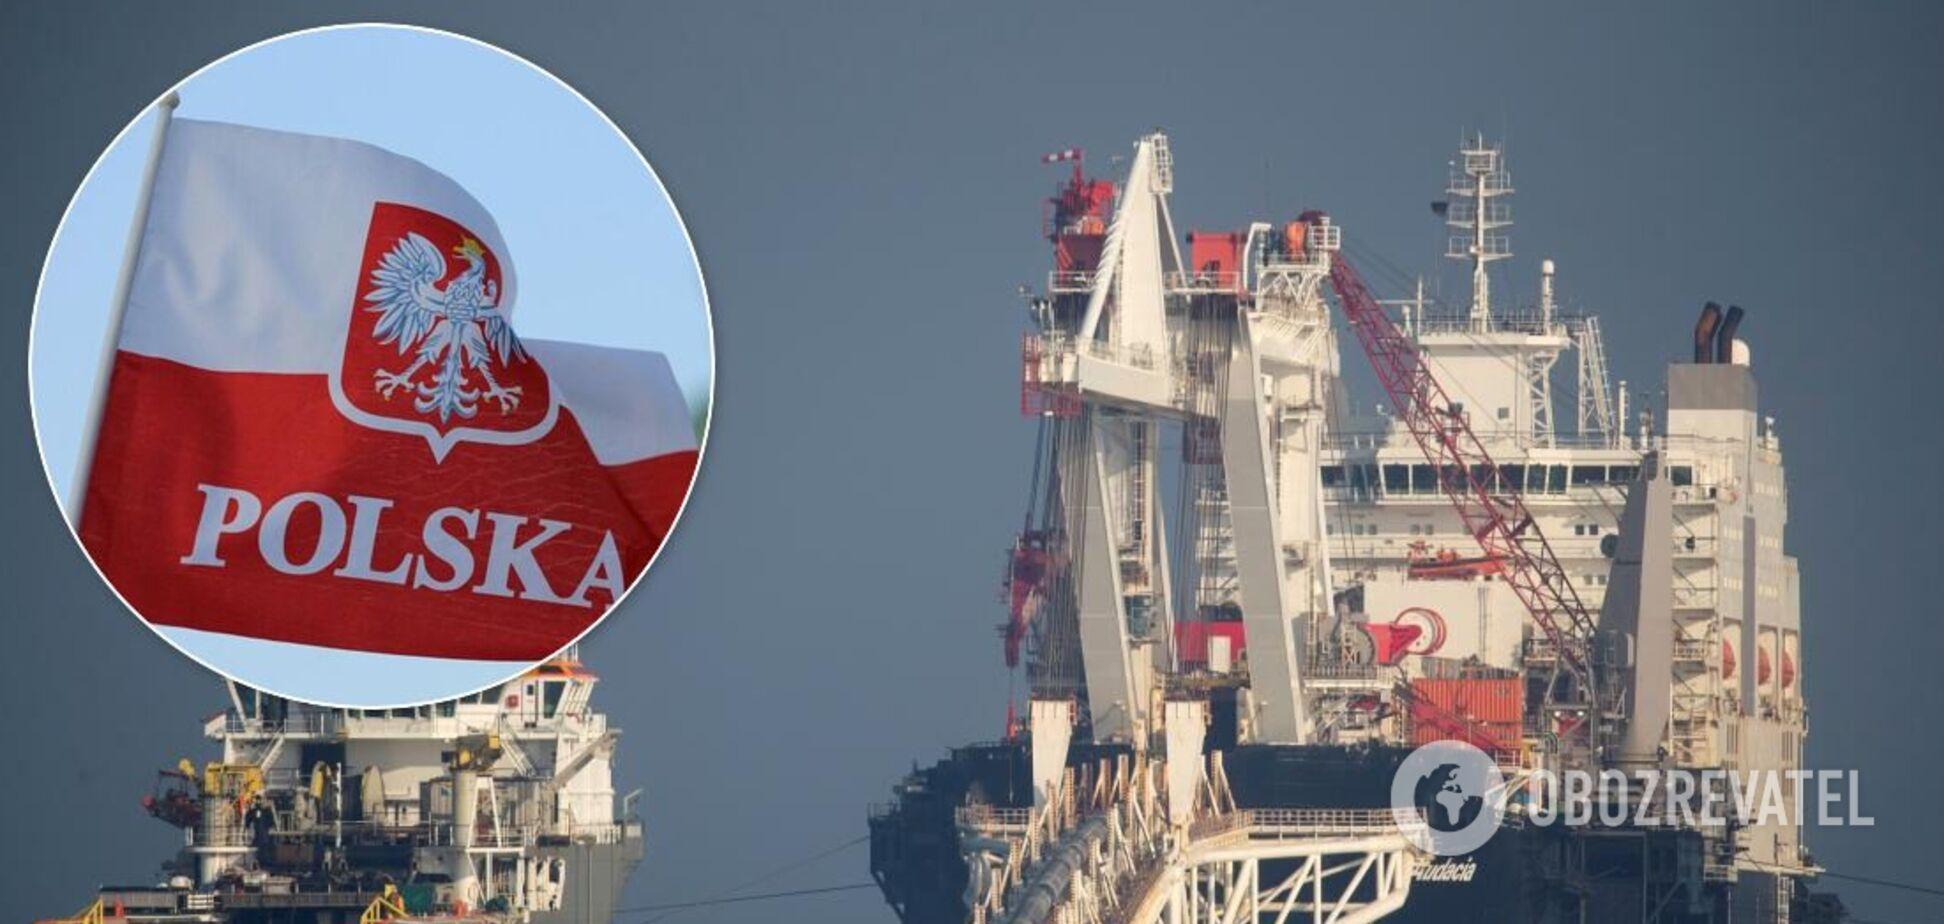 'Газпром' обжаловал штраф на 50 млн евро из-за 'Северного потока-2'